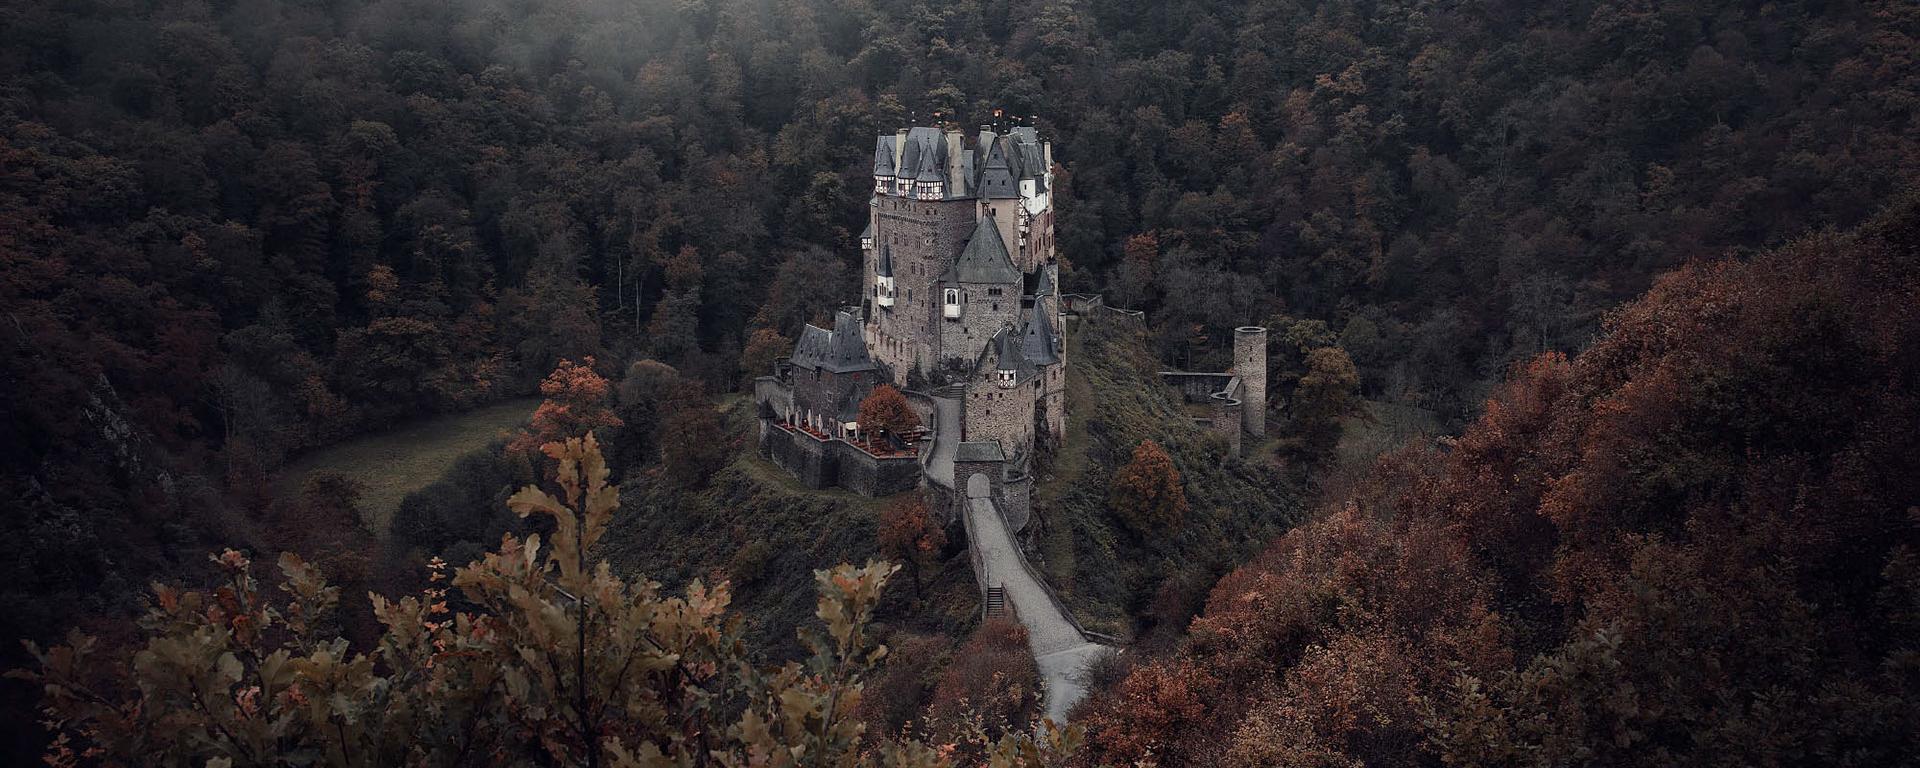 藏匿于山林的梦幻城堡